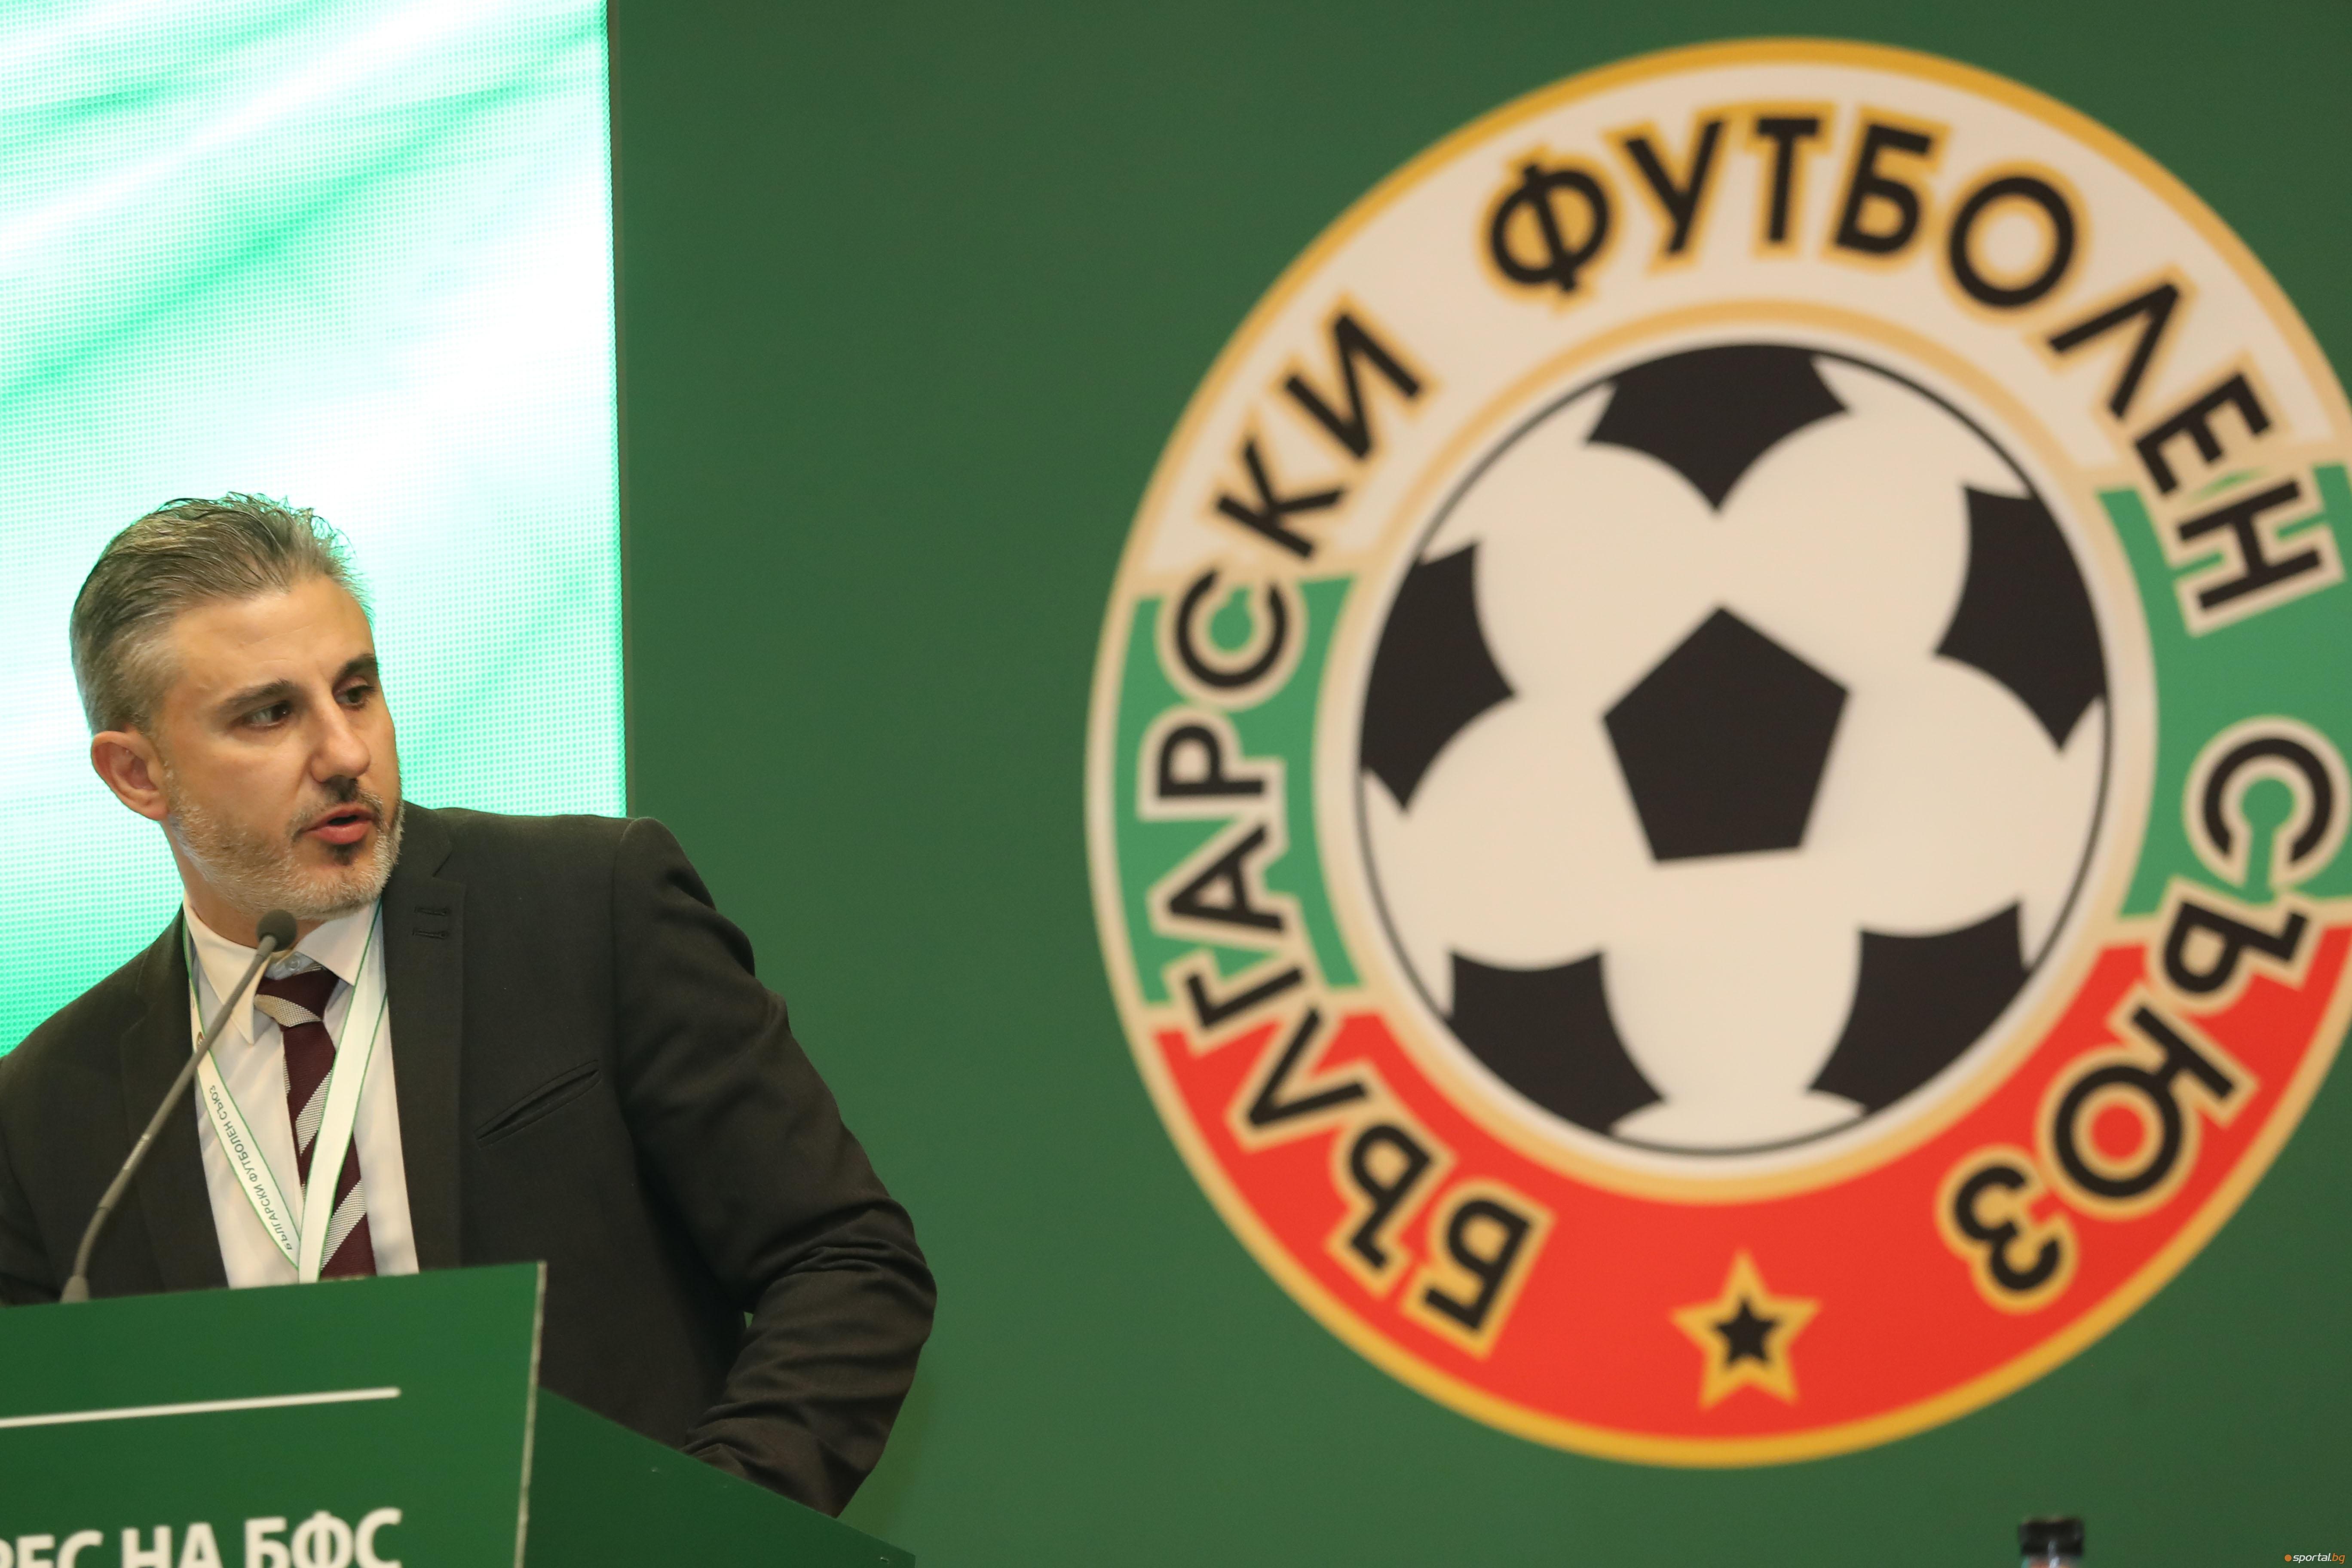 Заместник изпълнителният директор на Българския футболен съюз Павел Колев коментира